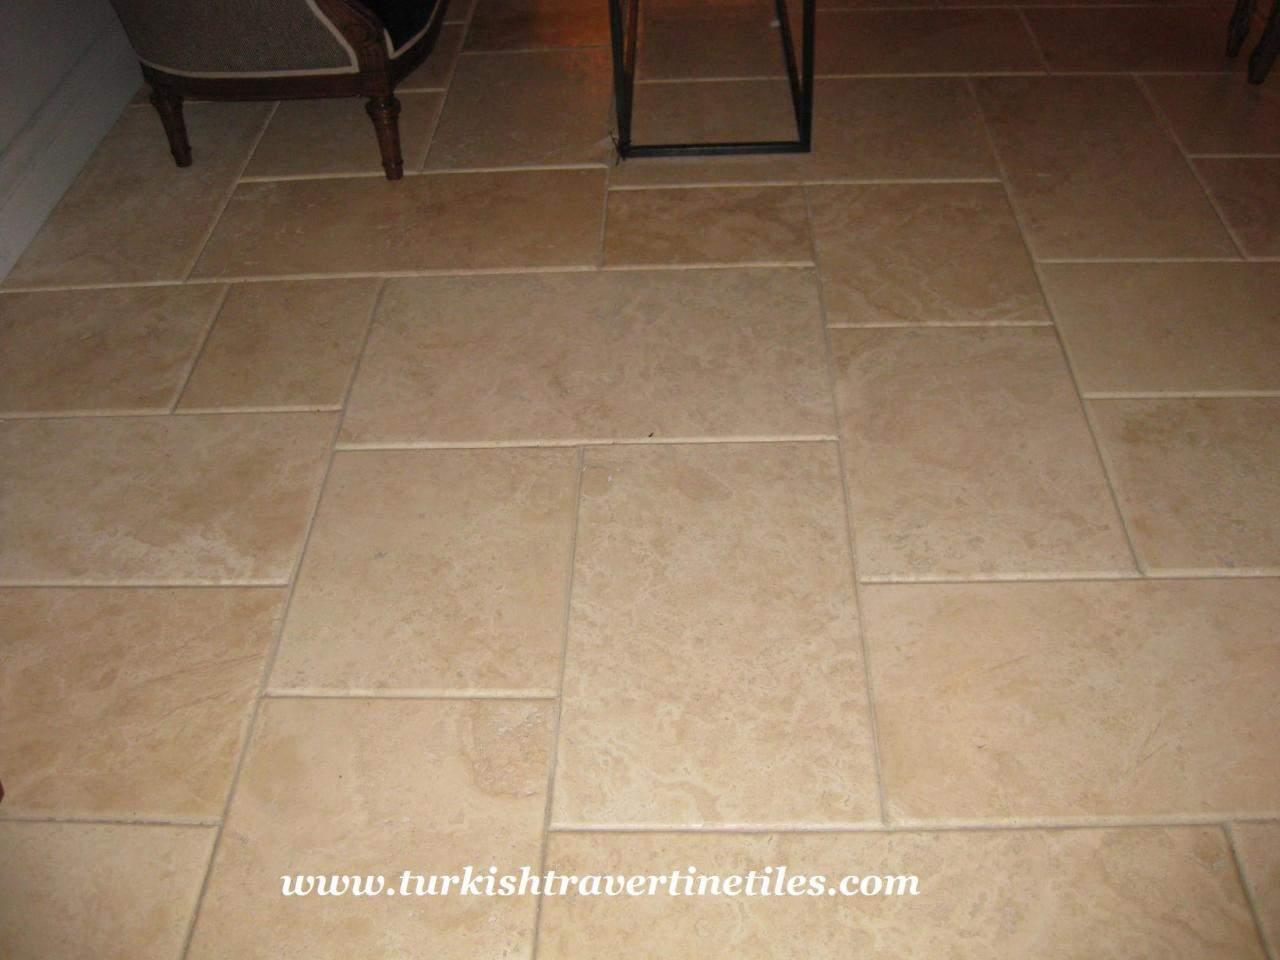 Travertine floor tiles 2014 contemporary tile design for Floor tile planner